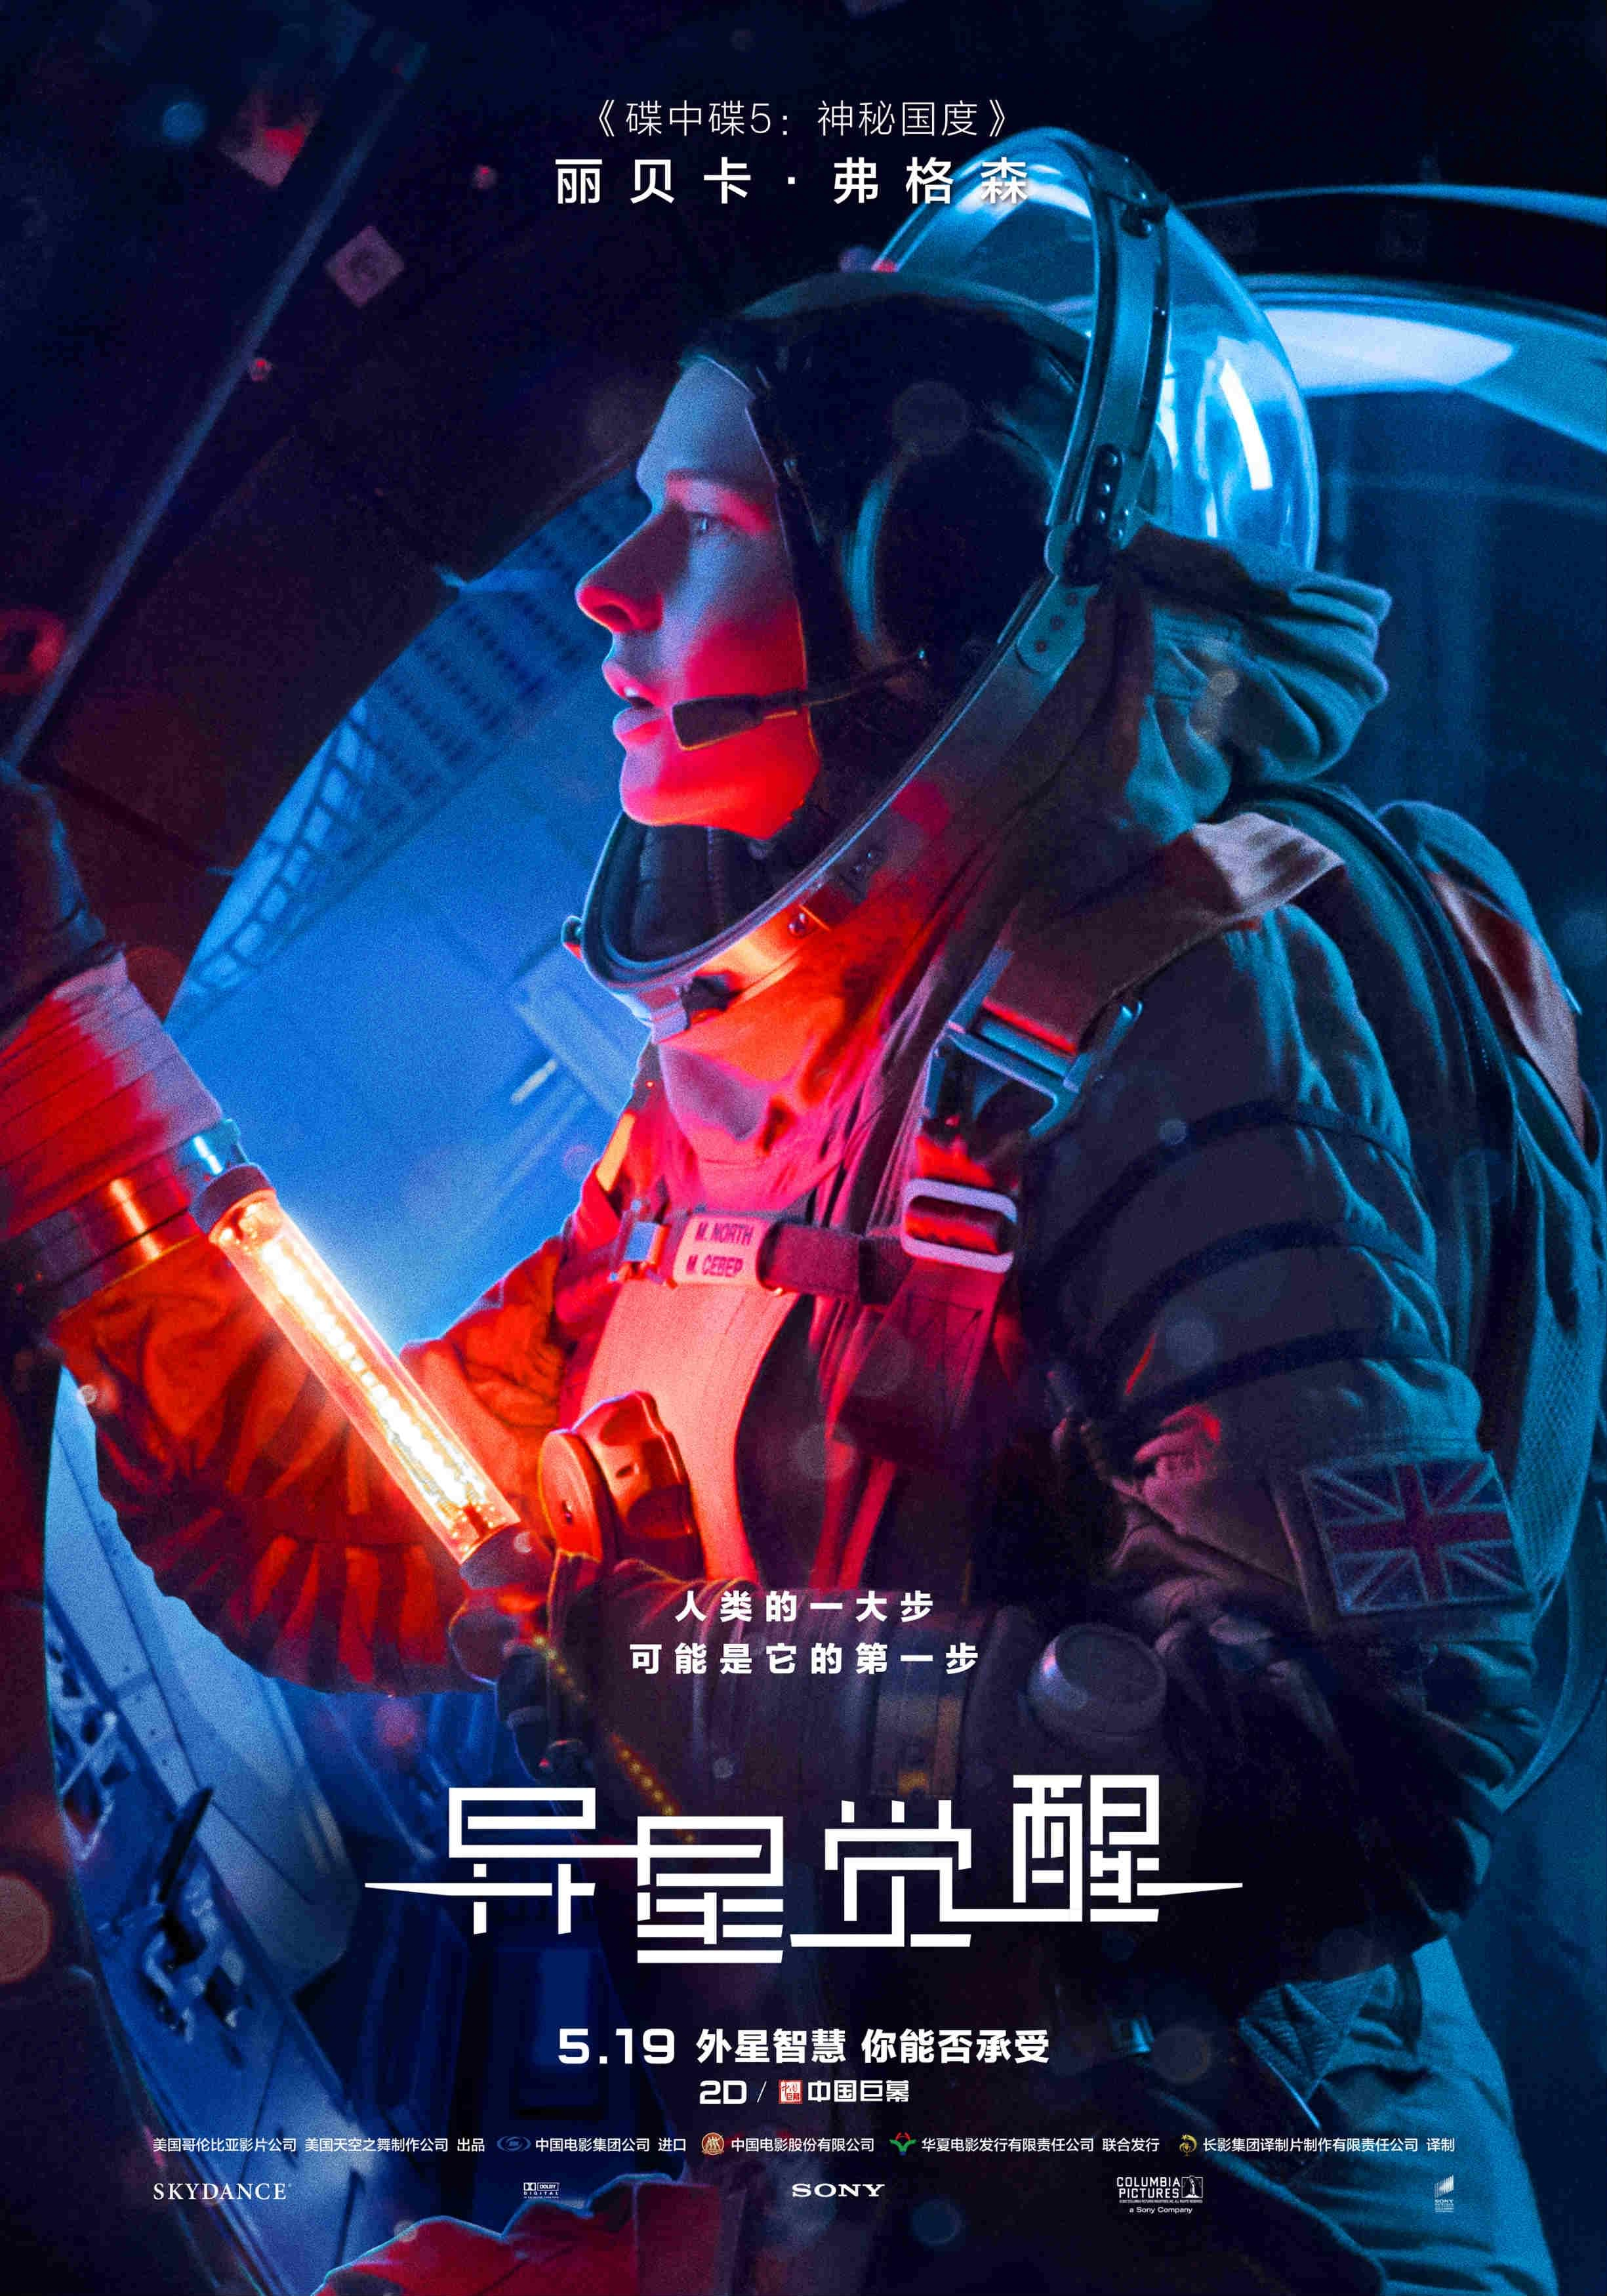 《异星觉醒》曝人物海报  三大主角对决外星生物